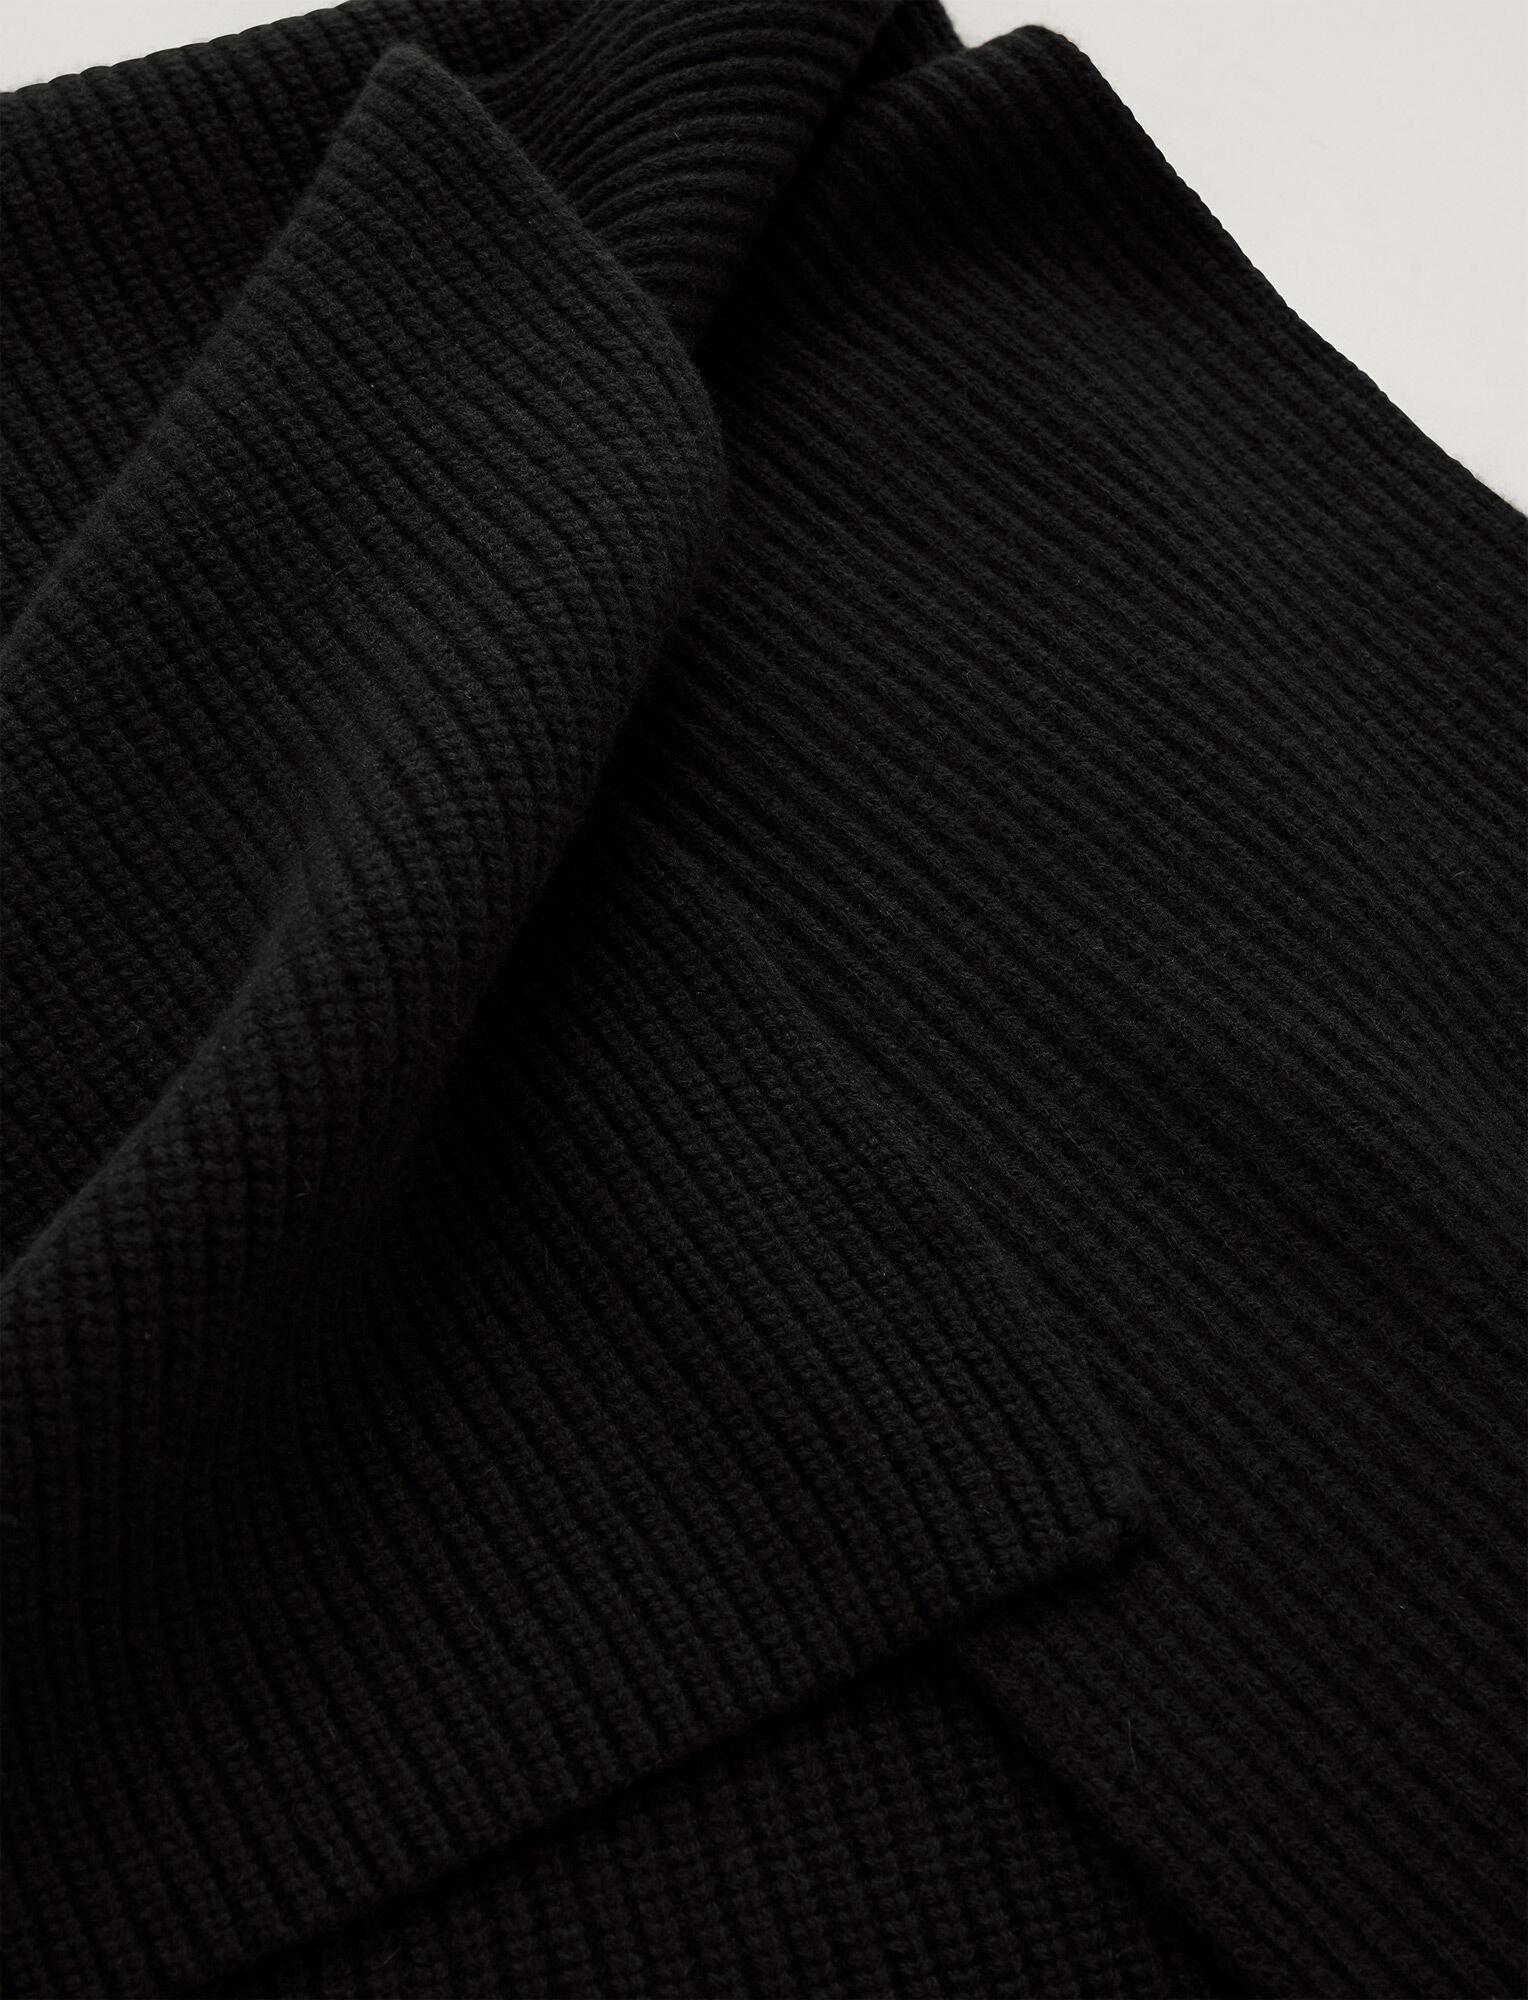 Joseph, Luxe Cashmere Scarf, in Black